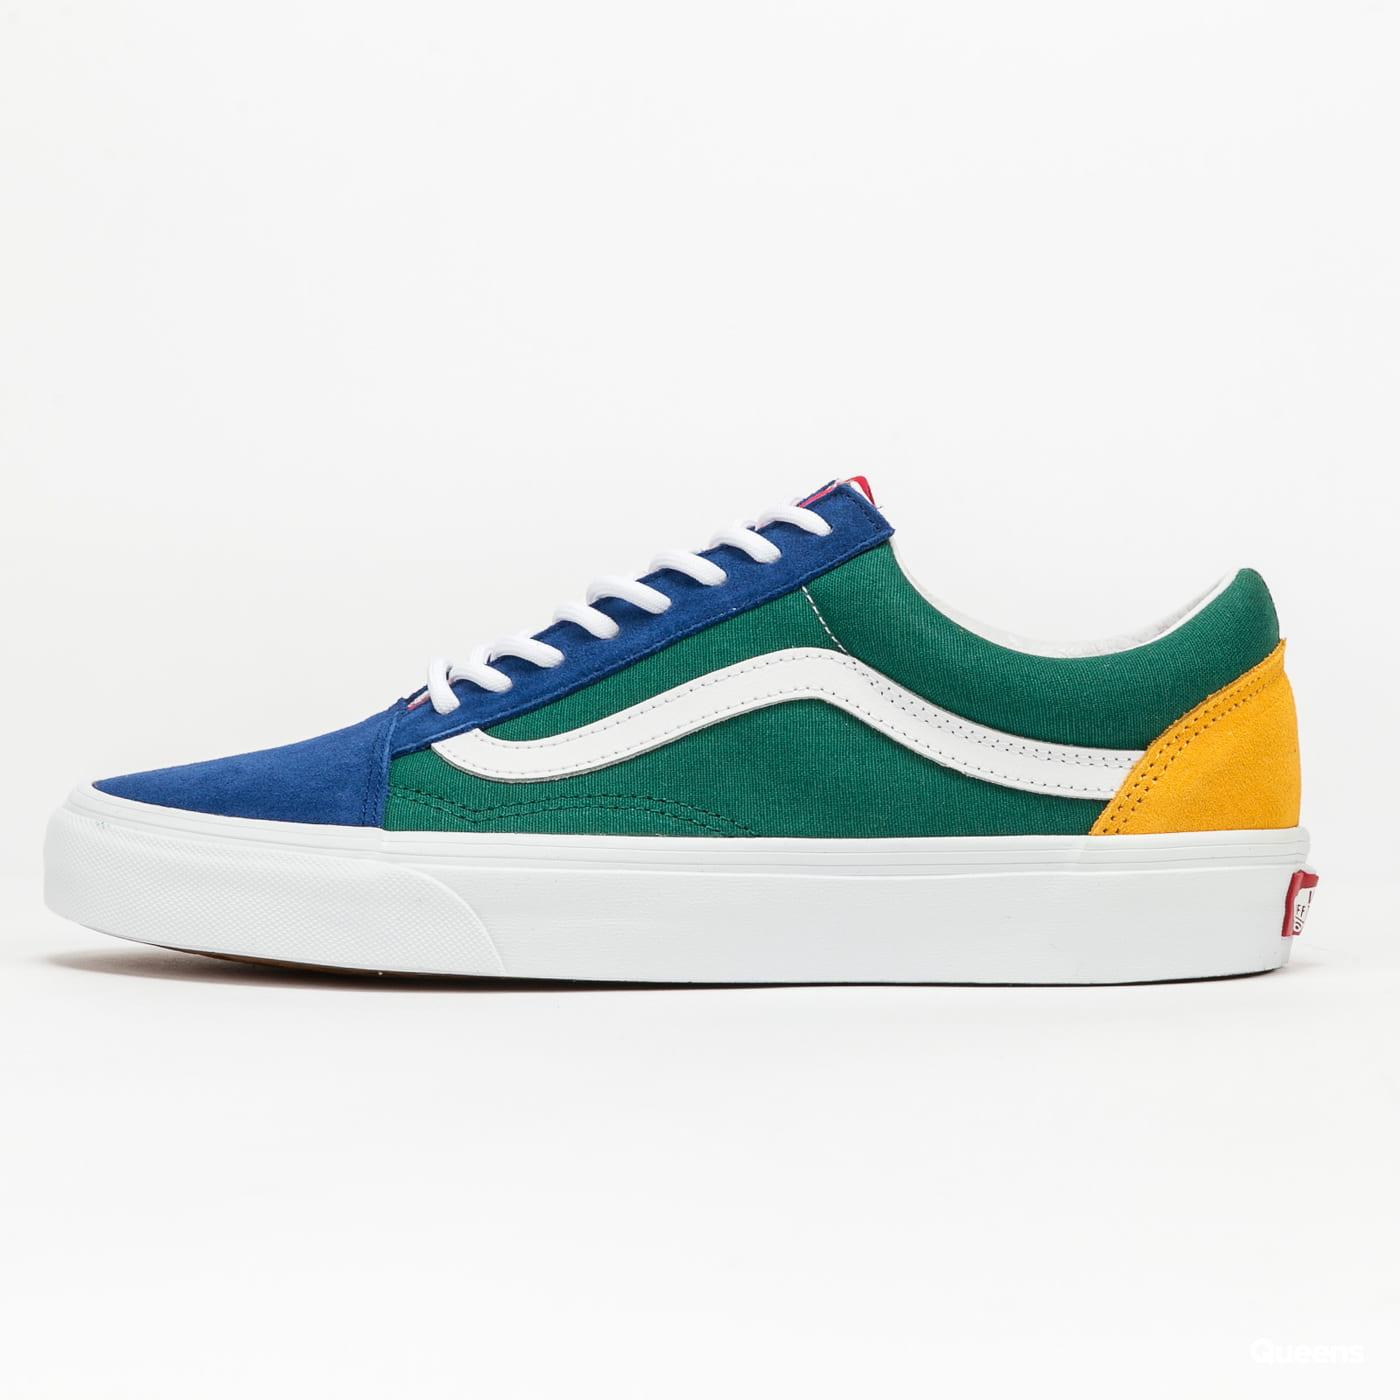 Vans Old Skool (vans yacht club) blue / gr